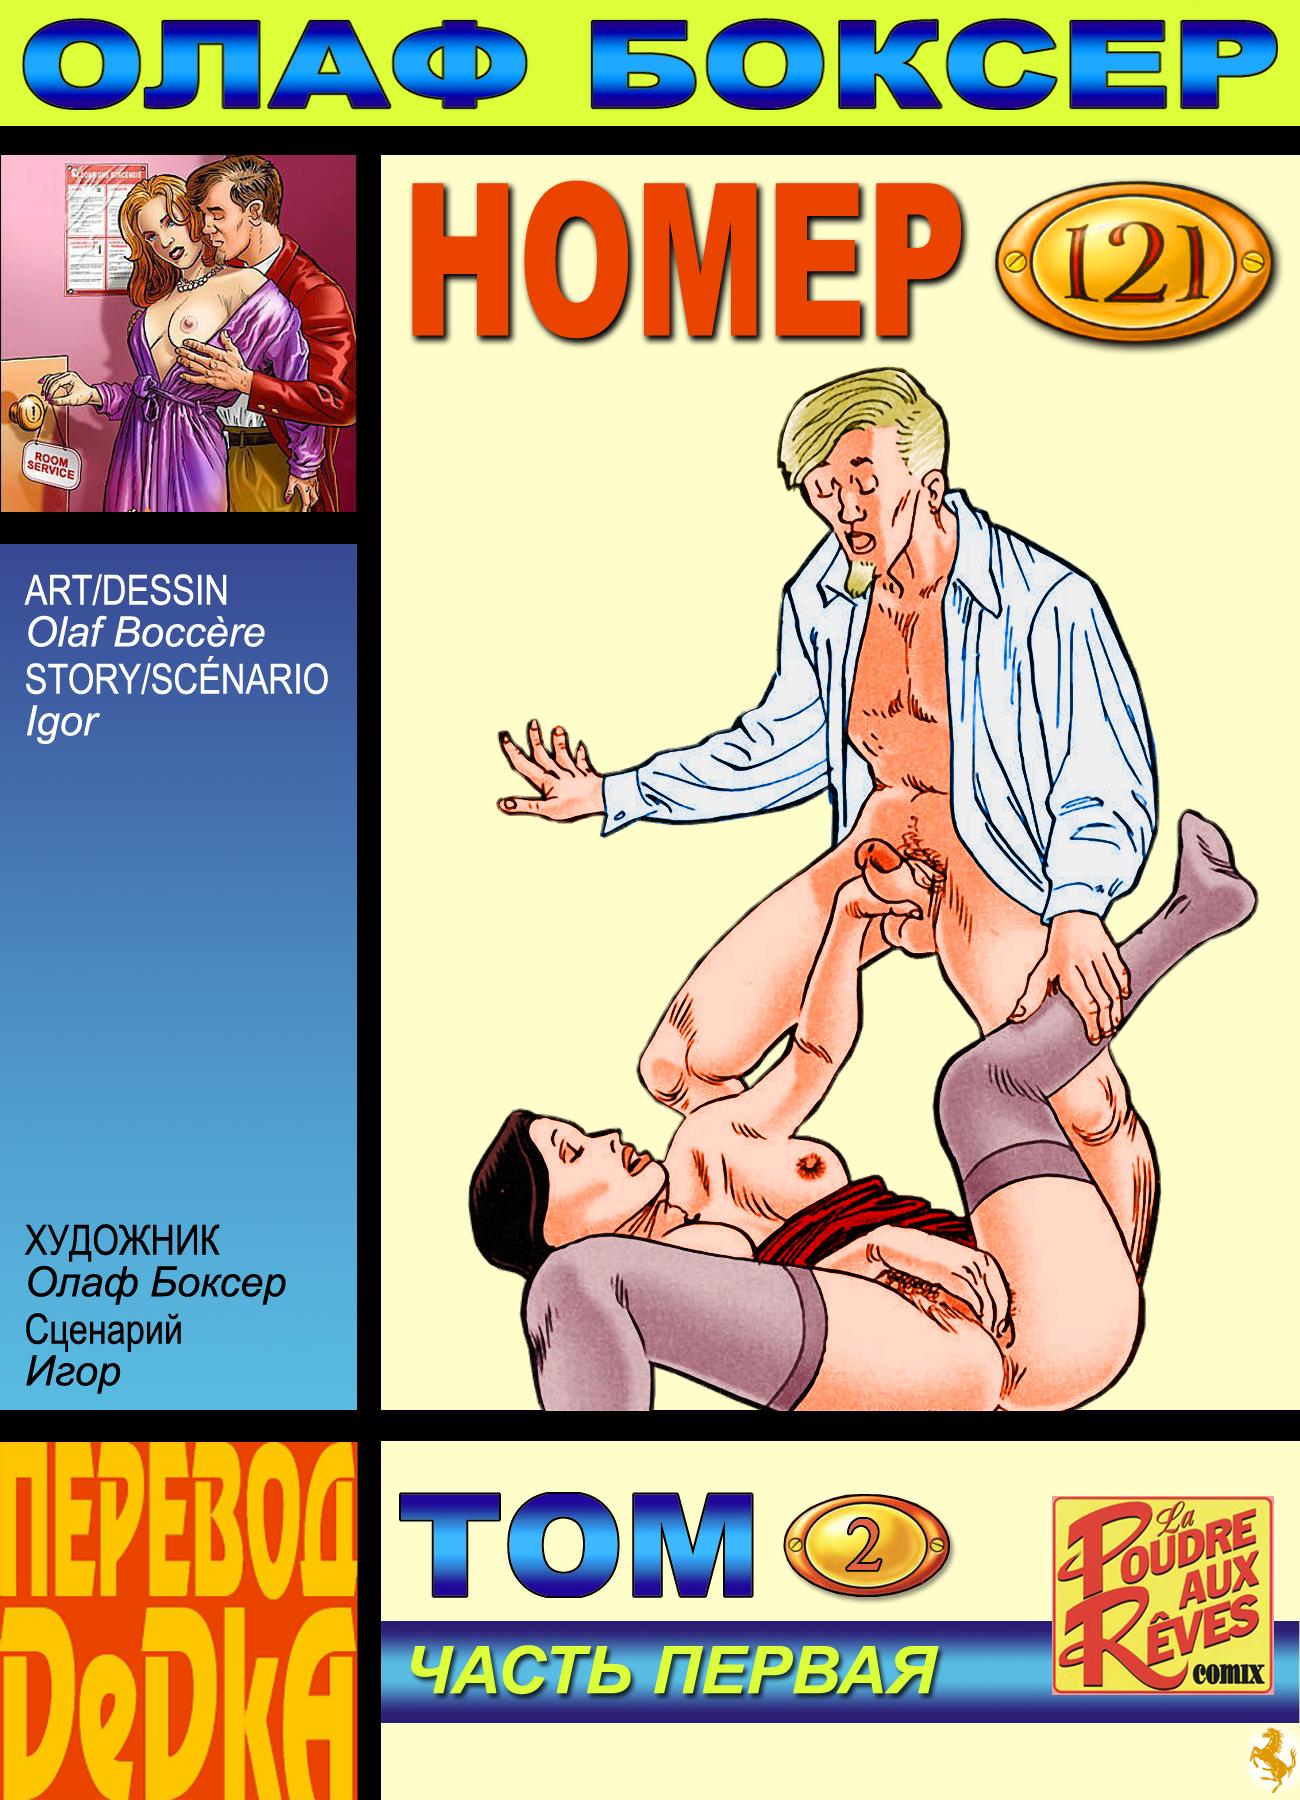 Ретро порно комиксы и фото 4 фотография